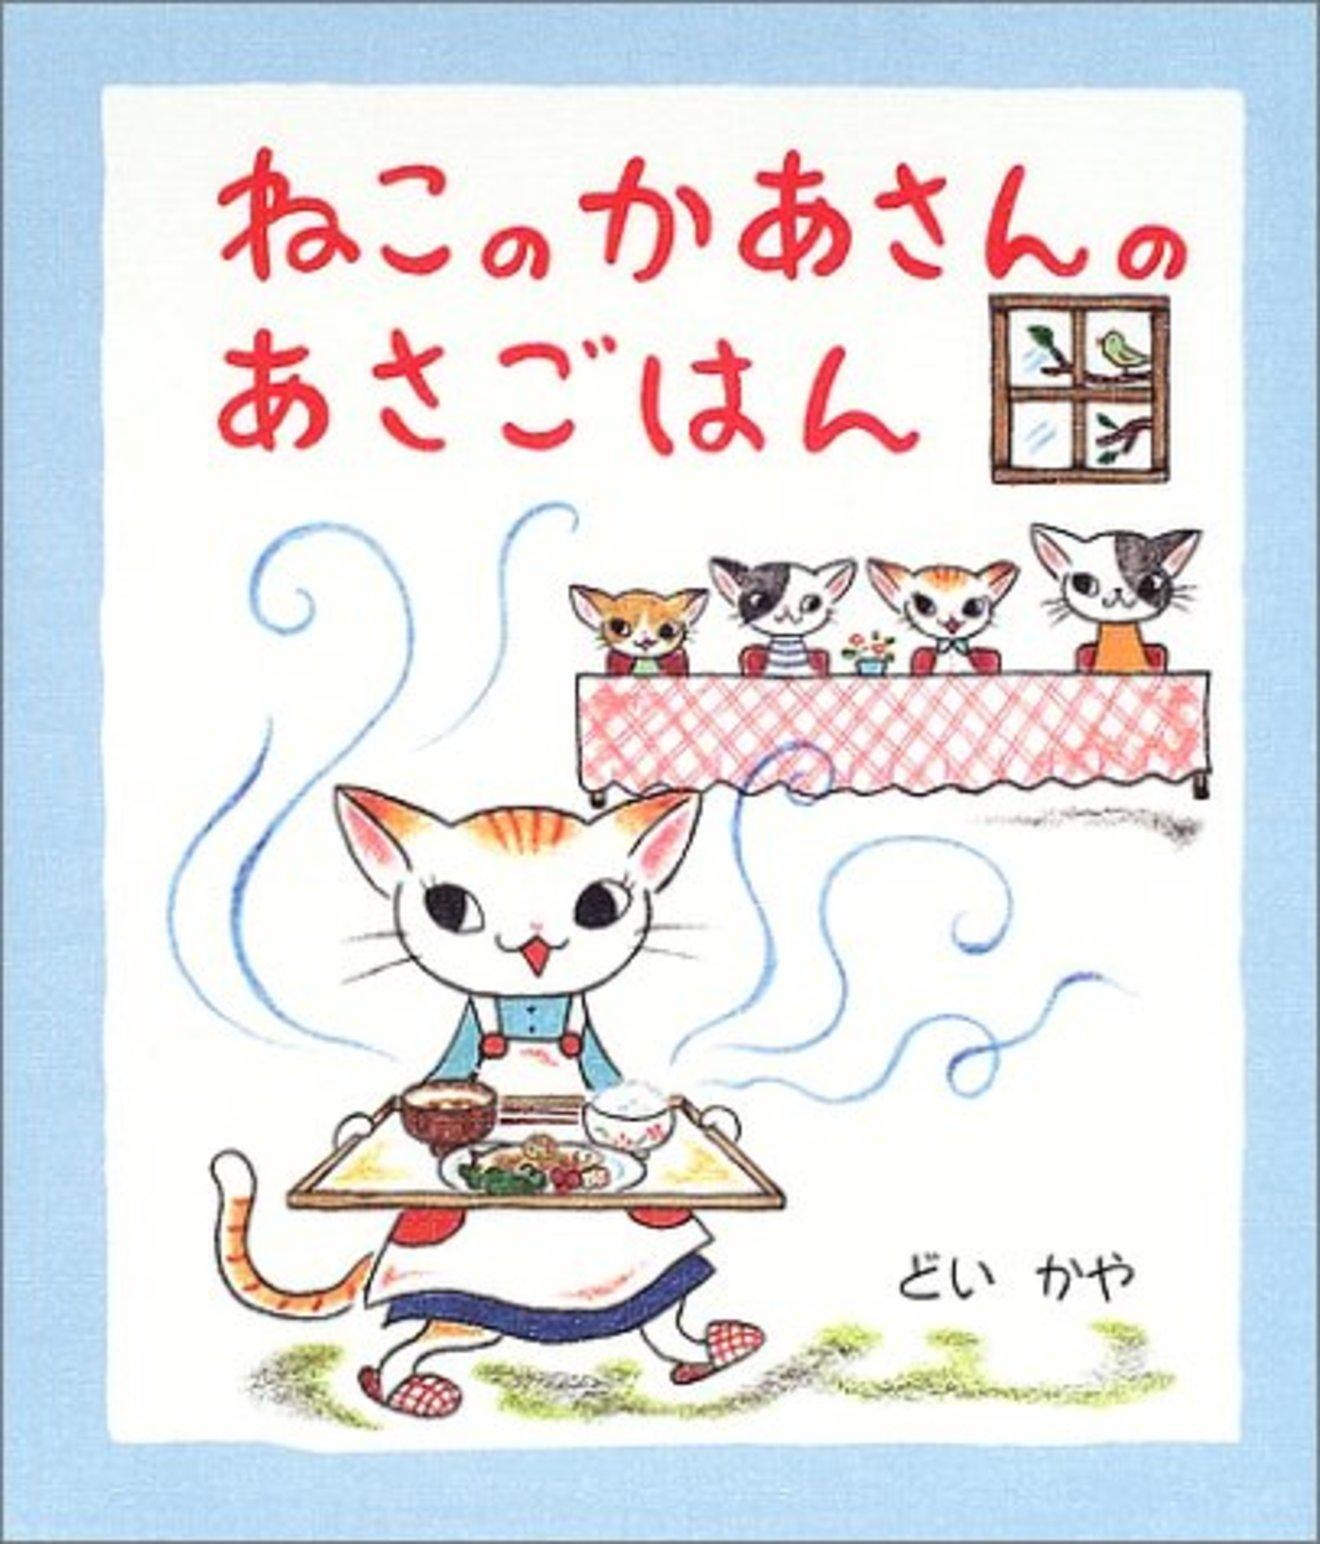 朝ごはんがテーマの絵本おすすめ6選!朝食の大切さを楽しく学ぼう!